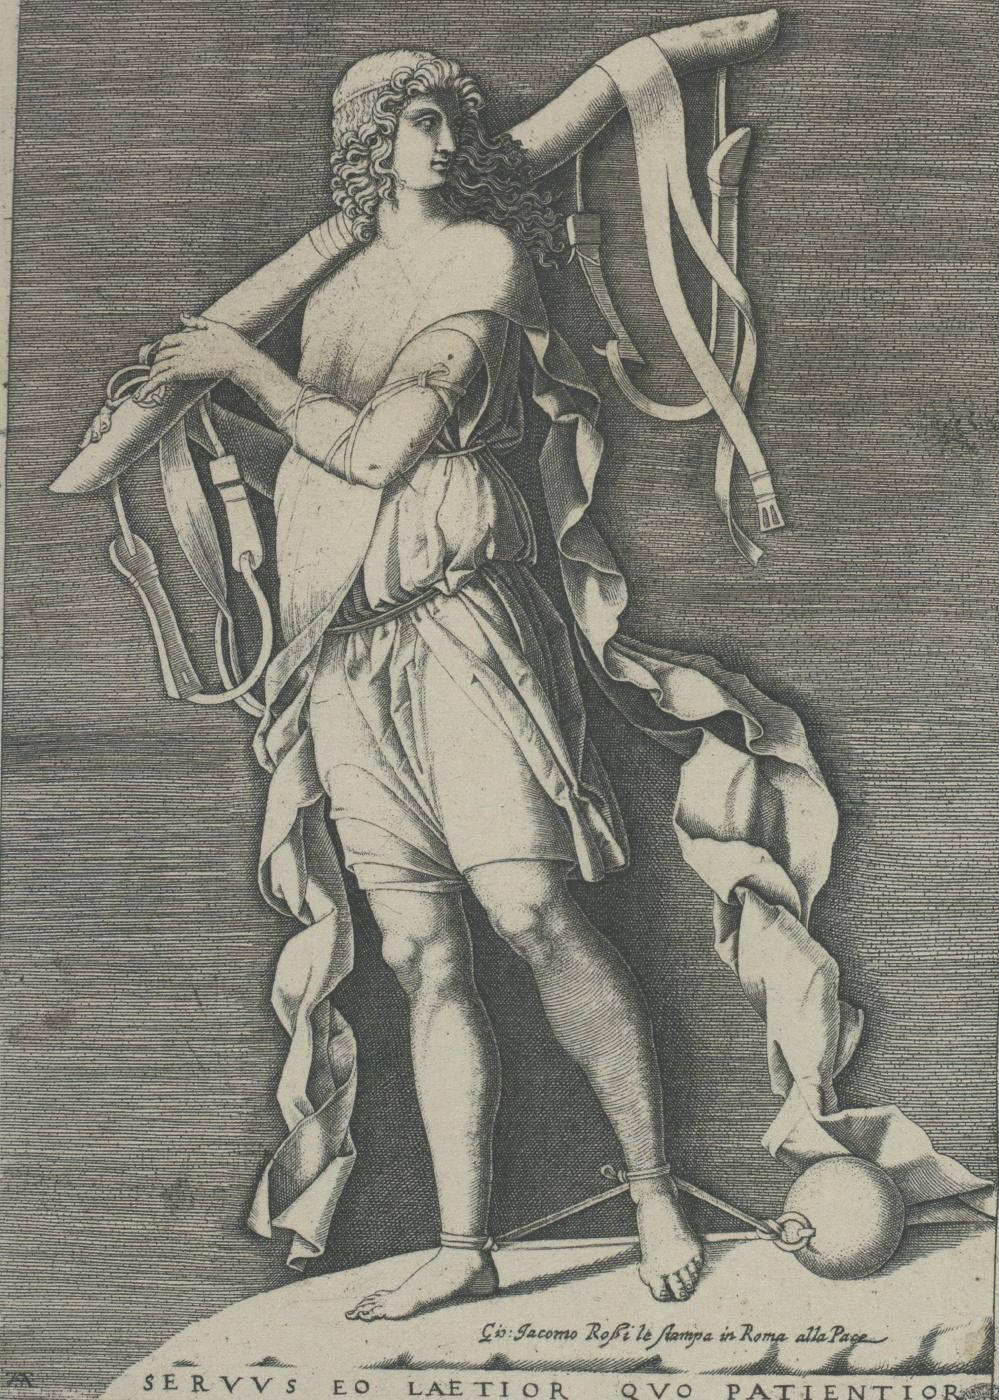 Adamo Sculttori. Allegory of slavery